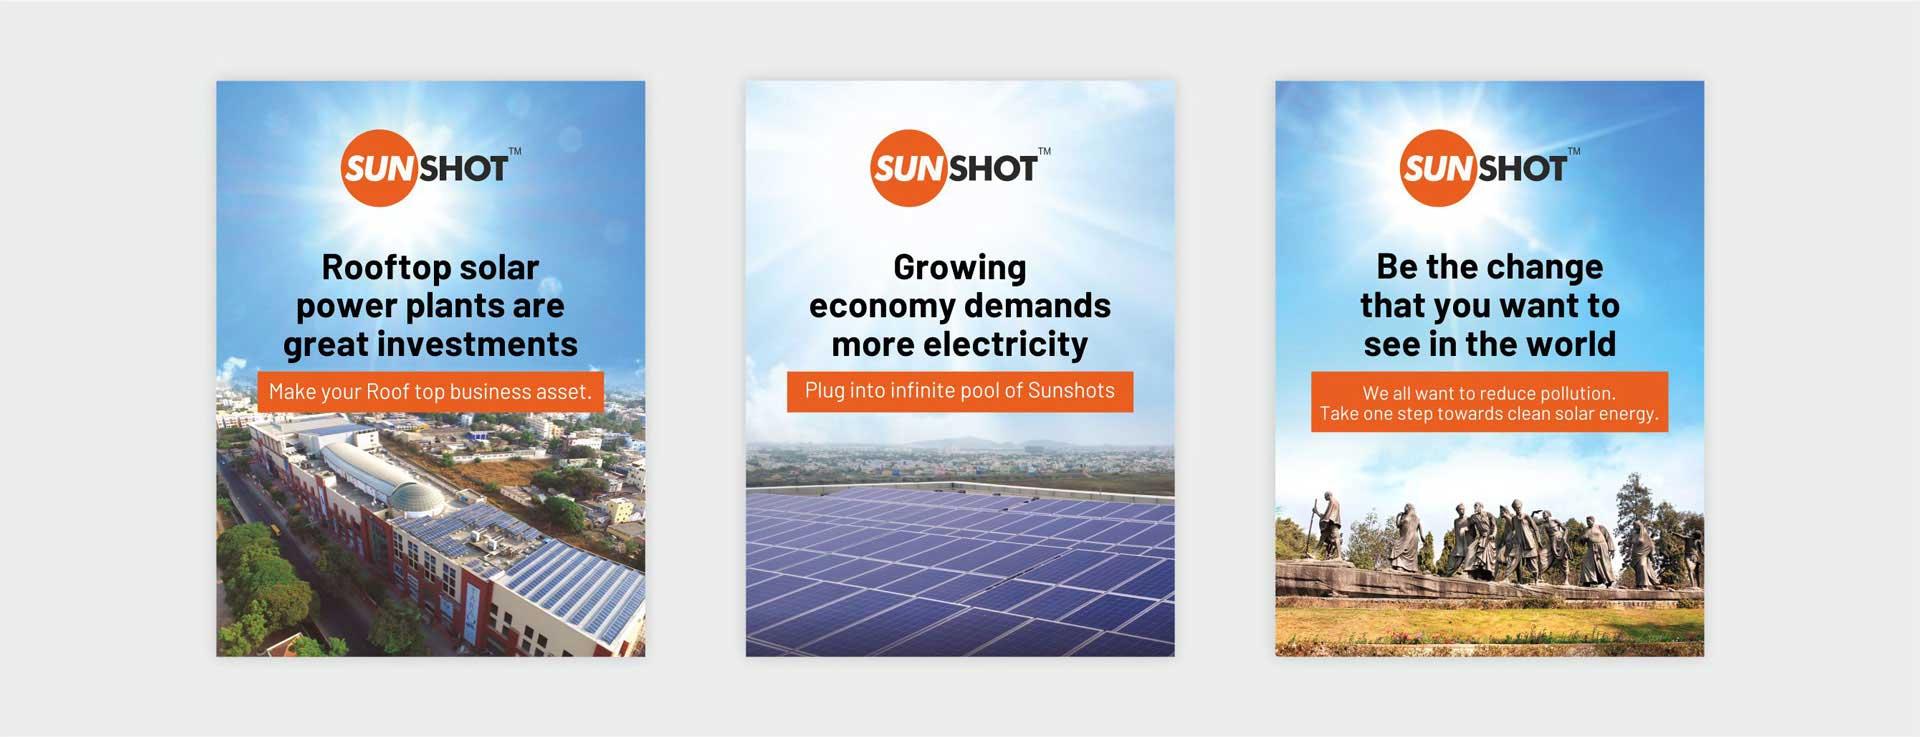 Sunshot-Banner